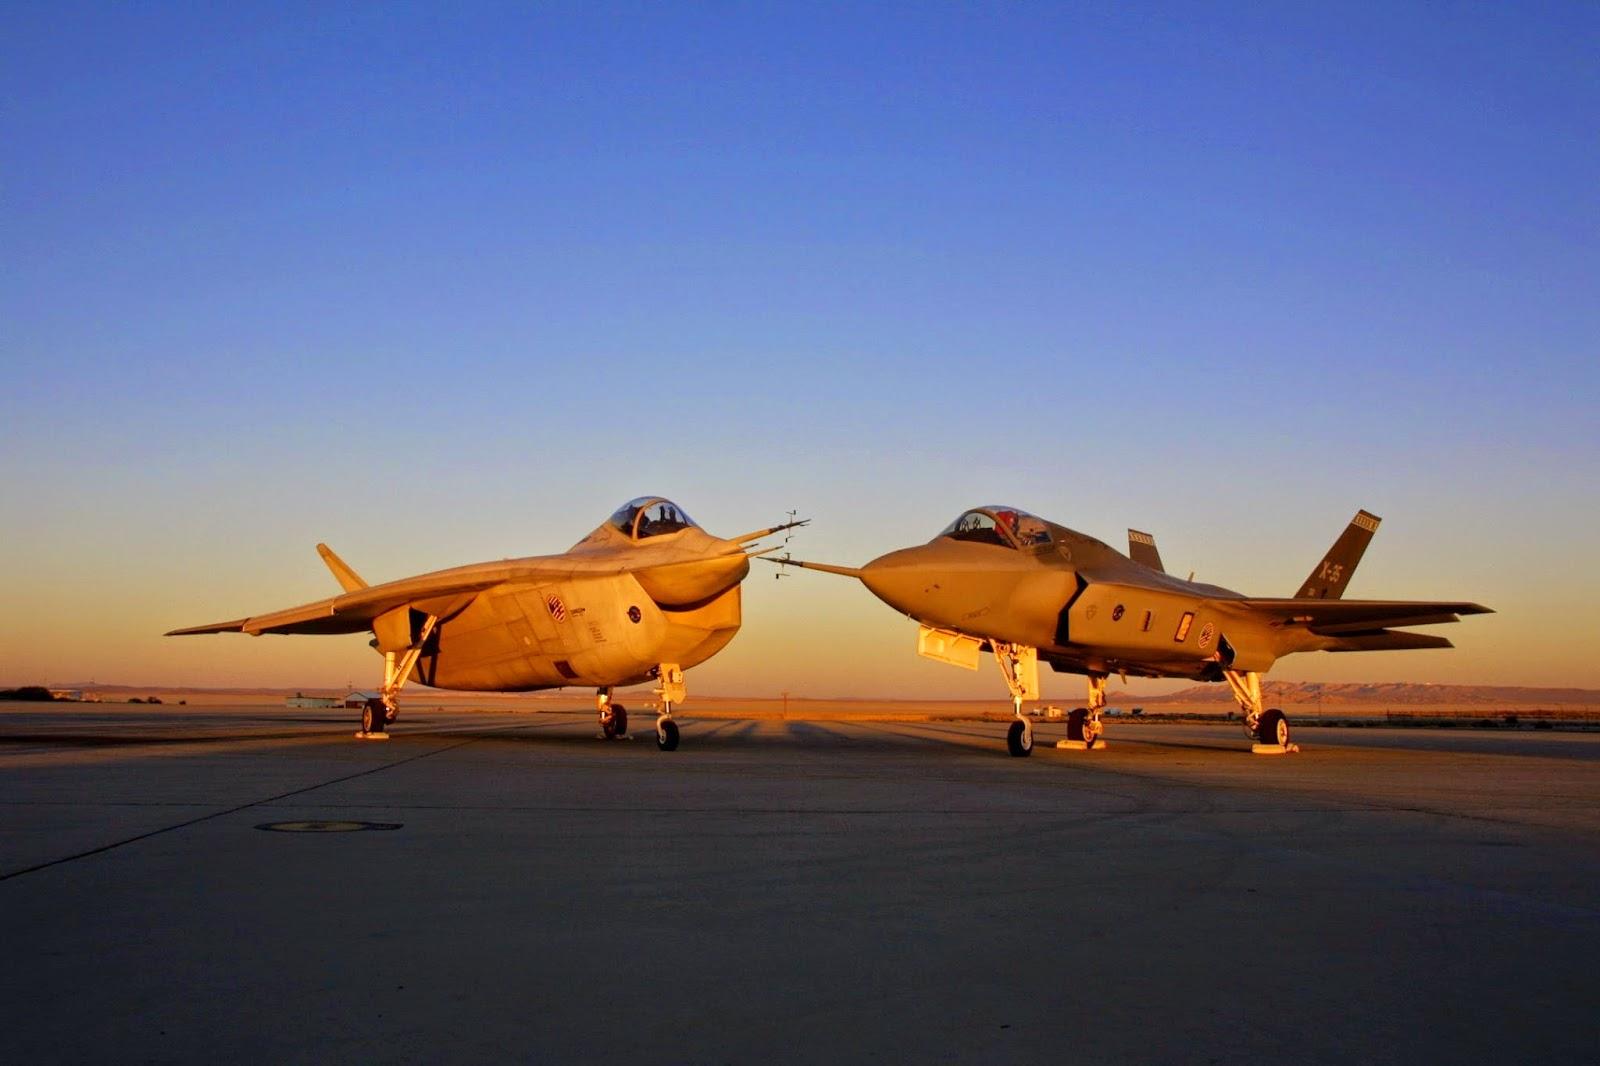 Acima: A esquerda o modelo Boeing X-32, derrotado pelo X-35, a direita, desenvolvido pela Lockheed Martin. Notem que o desenho do X-35 é bastante mais convencional que o X-32.